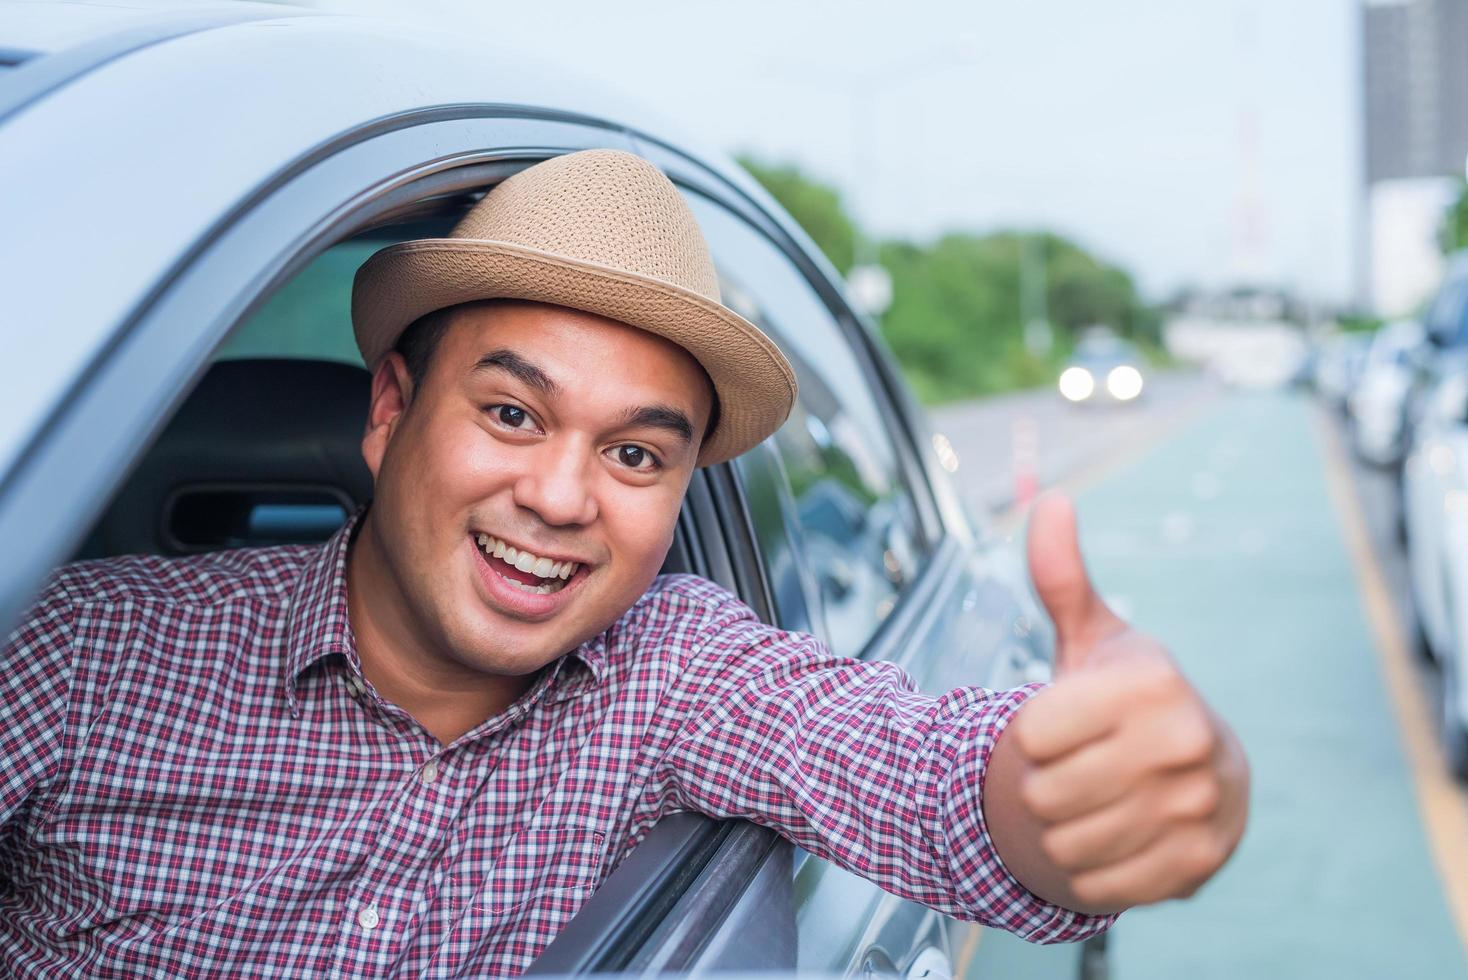 homme, donner, pouces haut, dehors, de, fenêtre voiture photo